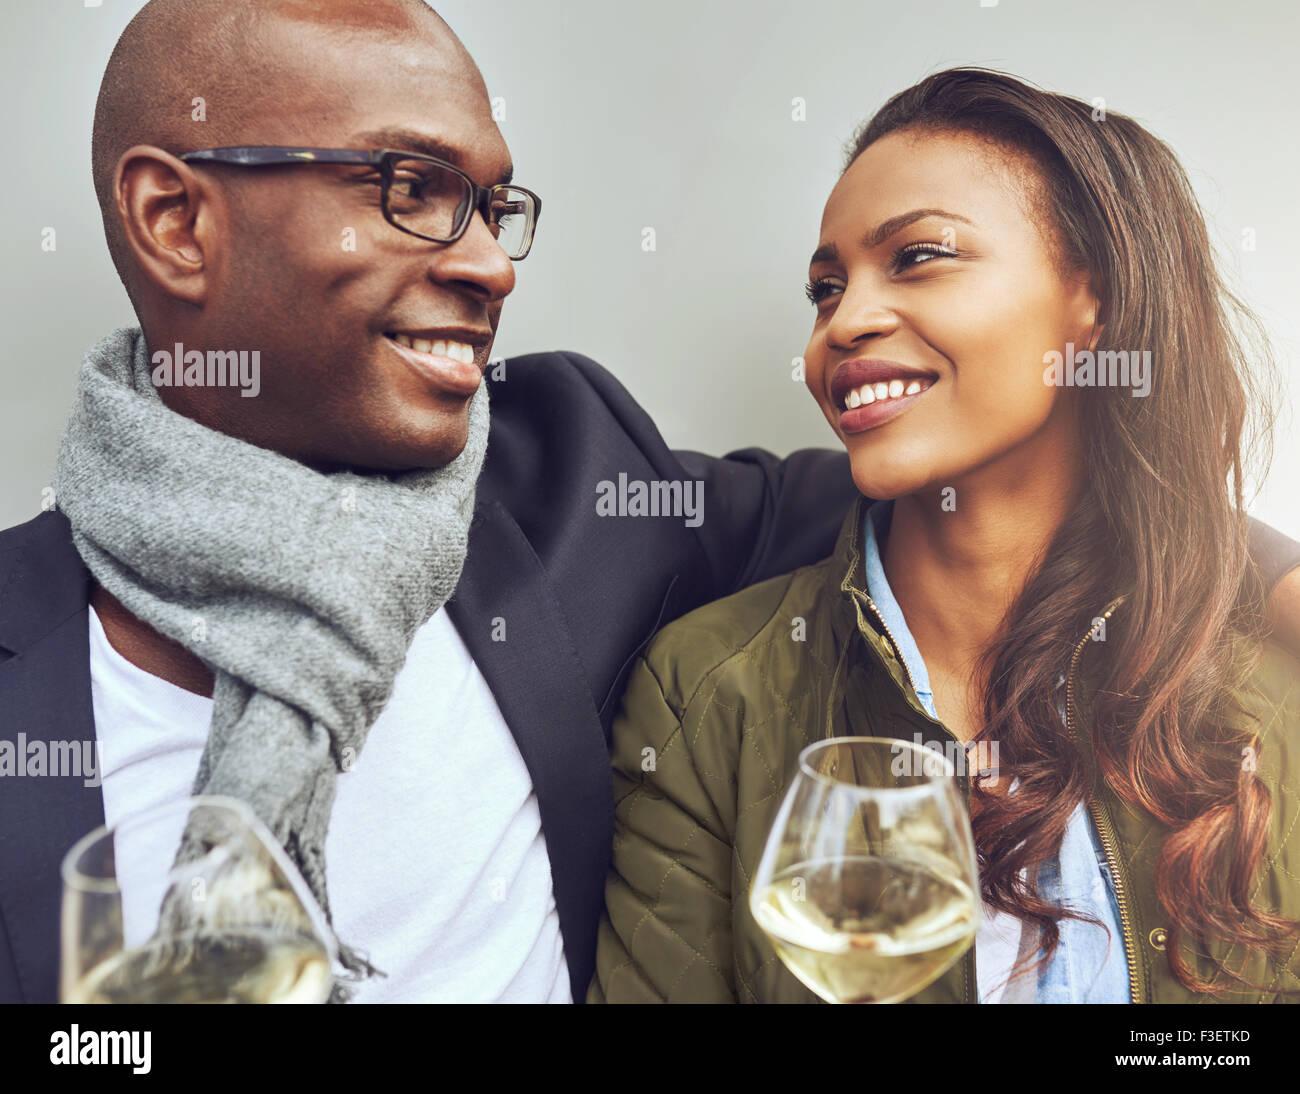 Romantische junge afrikanische amerikanische Paar Arm in Arm mit einem Glas Weißwein und liebevoll lächelnd Stockbild